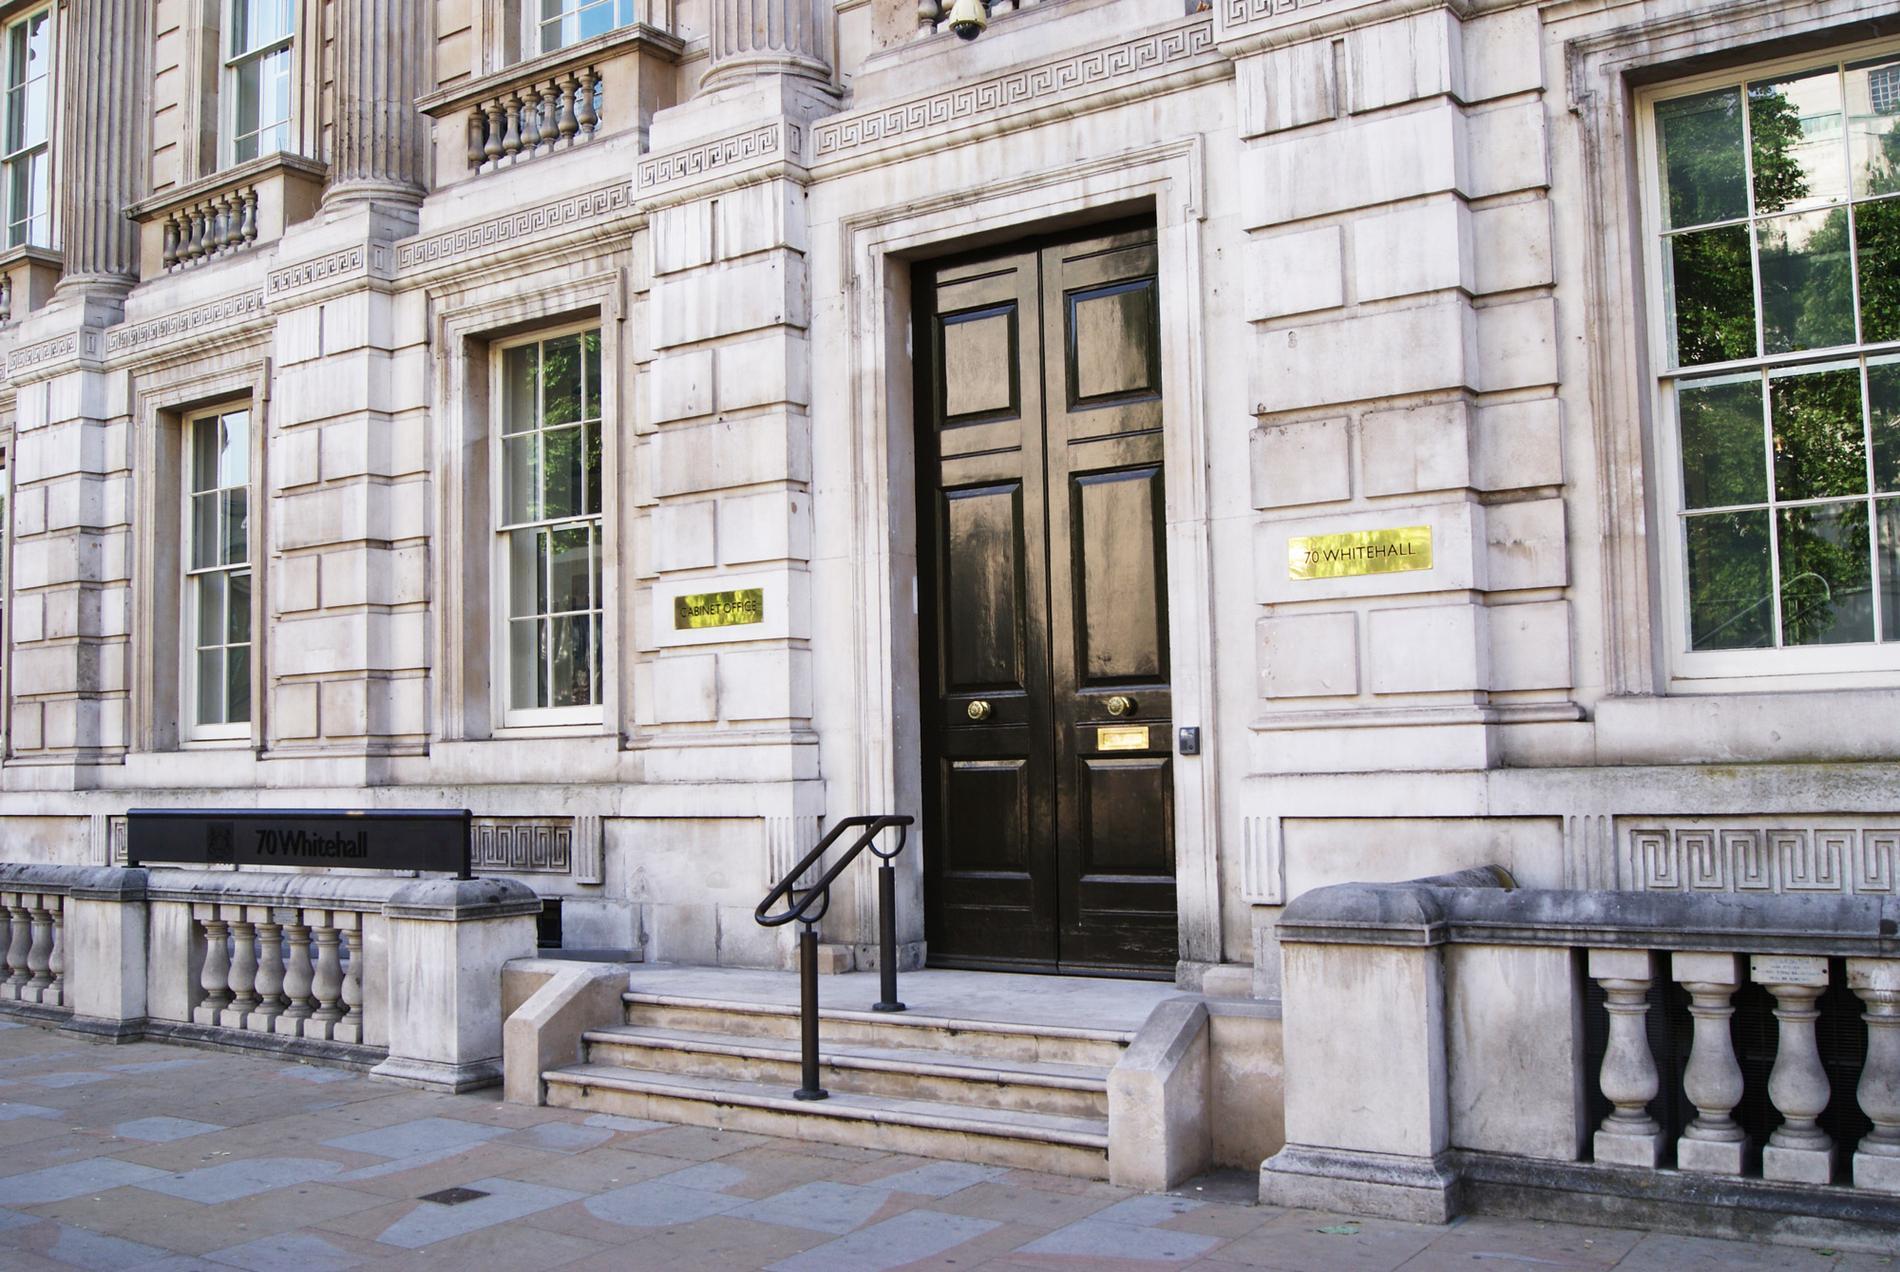 Ingången till statsrådsberedningen (Cabinet Office) i London.